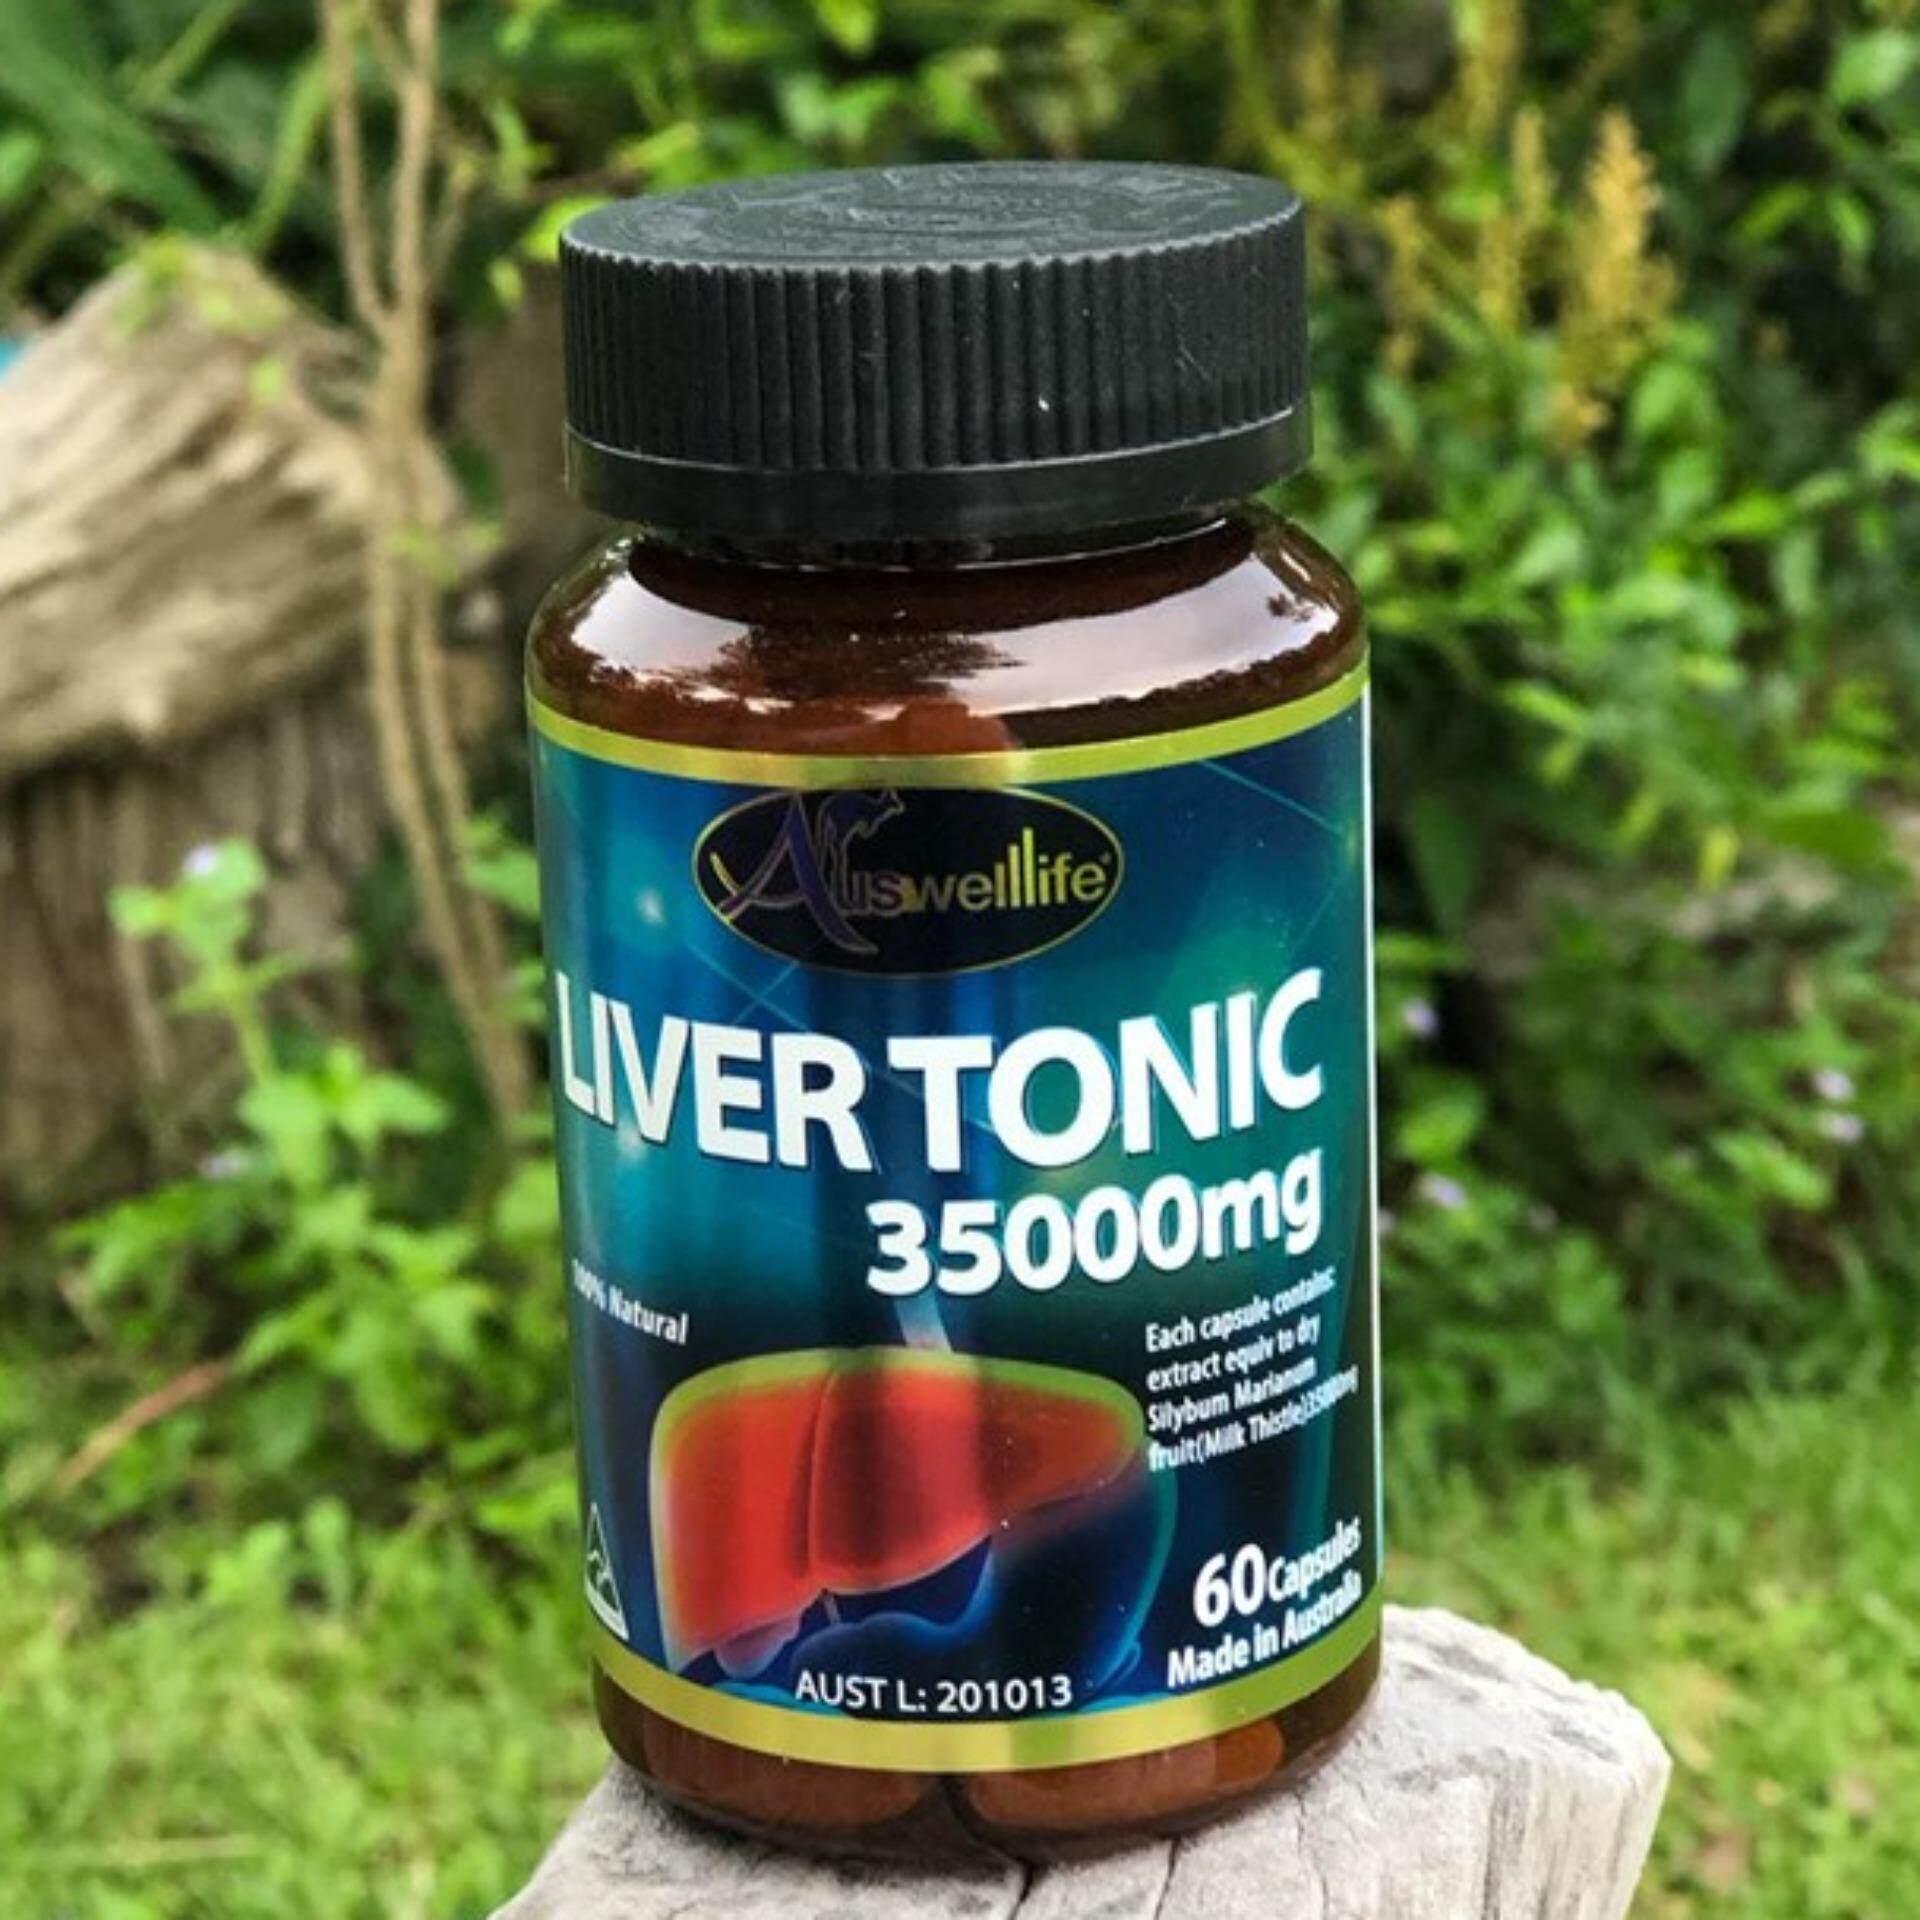 Auswelllife Liver Tonic 35000mg.. วิตามินบำรุงตับ ให้แข็งแรง จำนวน 60 แคปซูล